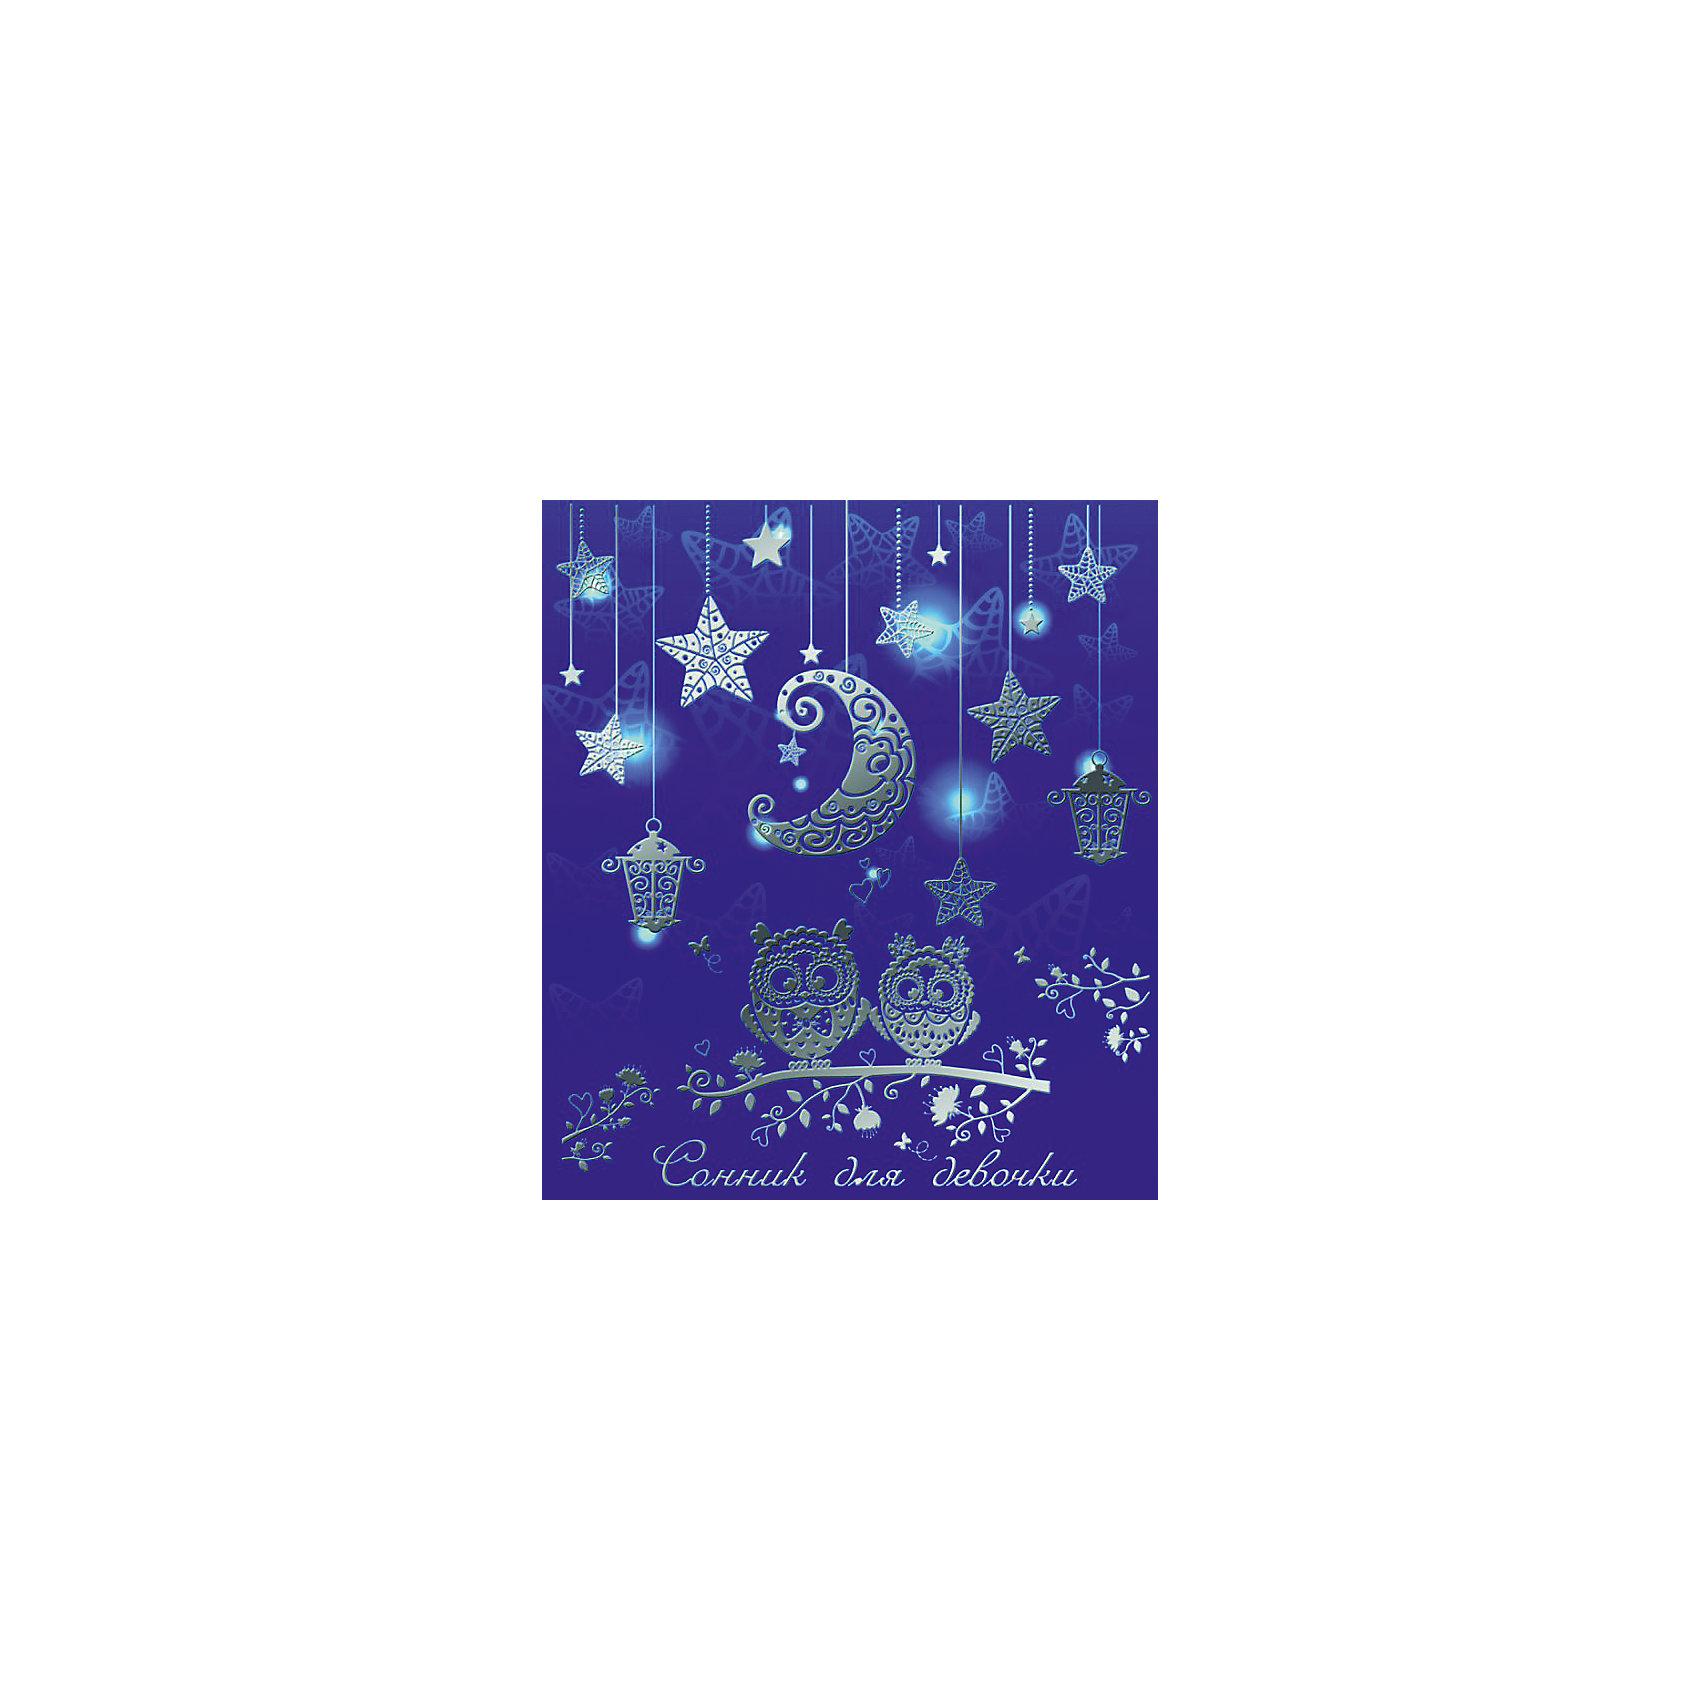 Сонник для девочки Сказочный сонКниги для девочек<br>Прекрасный сонник для юной принцессы! В нем Вы сможете узнать подробное толкование сна малышки.<br><br>Дополнительная информация:<br><br>- Возраст: от 6 лет.<br>- Издательство: Феникс.<br>- 256 страниц.<br>- Год издания: 2014 г.<br>- Переплет: твердый.<br>- Материал: картон, бумага.<br>- Формат: А6.<br>- ISBN: 4606008280930.<br>- Размер упаковки: 1,3х15,2х17,1 см.<br>- Вес в упаковке: 272 г. <br><br>Купить сонник для девочки Сказочный сон можно в нашем магазине.<br><br>Ширина мм: 13<br>Глубина мм: 152<br>Высота мм: 171<br>Вес г: 272<br>Возраст от месяцев: 72<br>Возраст до месяцев: 2147483647<br>Пол: Женский<br>Возраст: Детский<br>SKU: 4943437